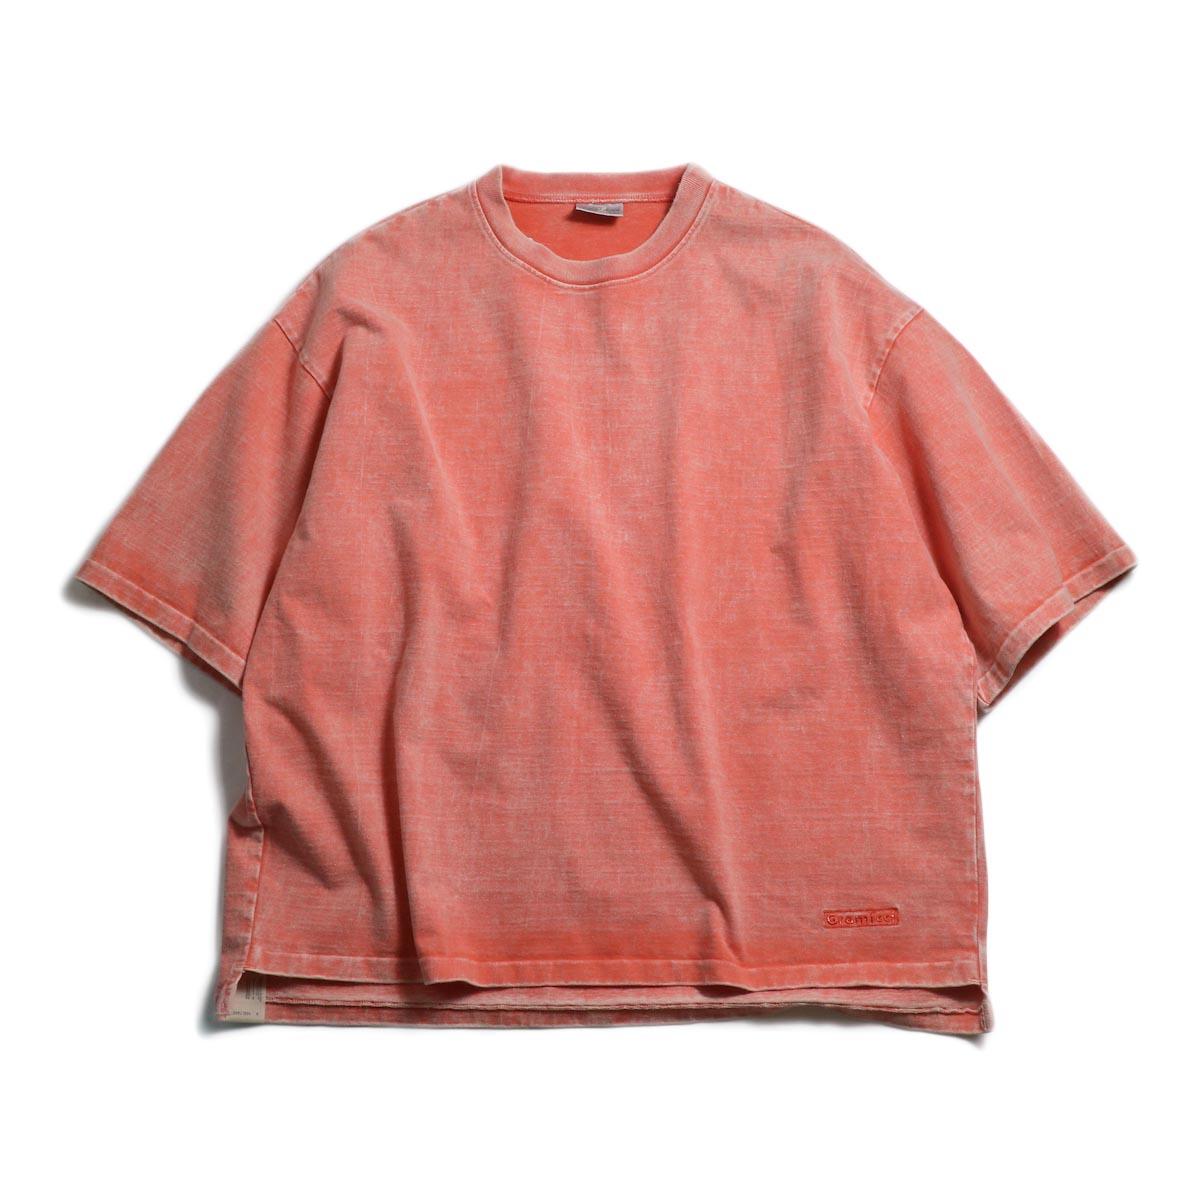 N.HOOLYWOOD × Gramicci  / 191-CS27-024 Short Sleeve Tee -Pink